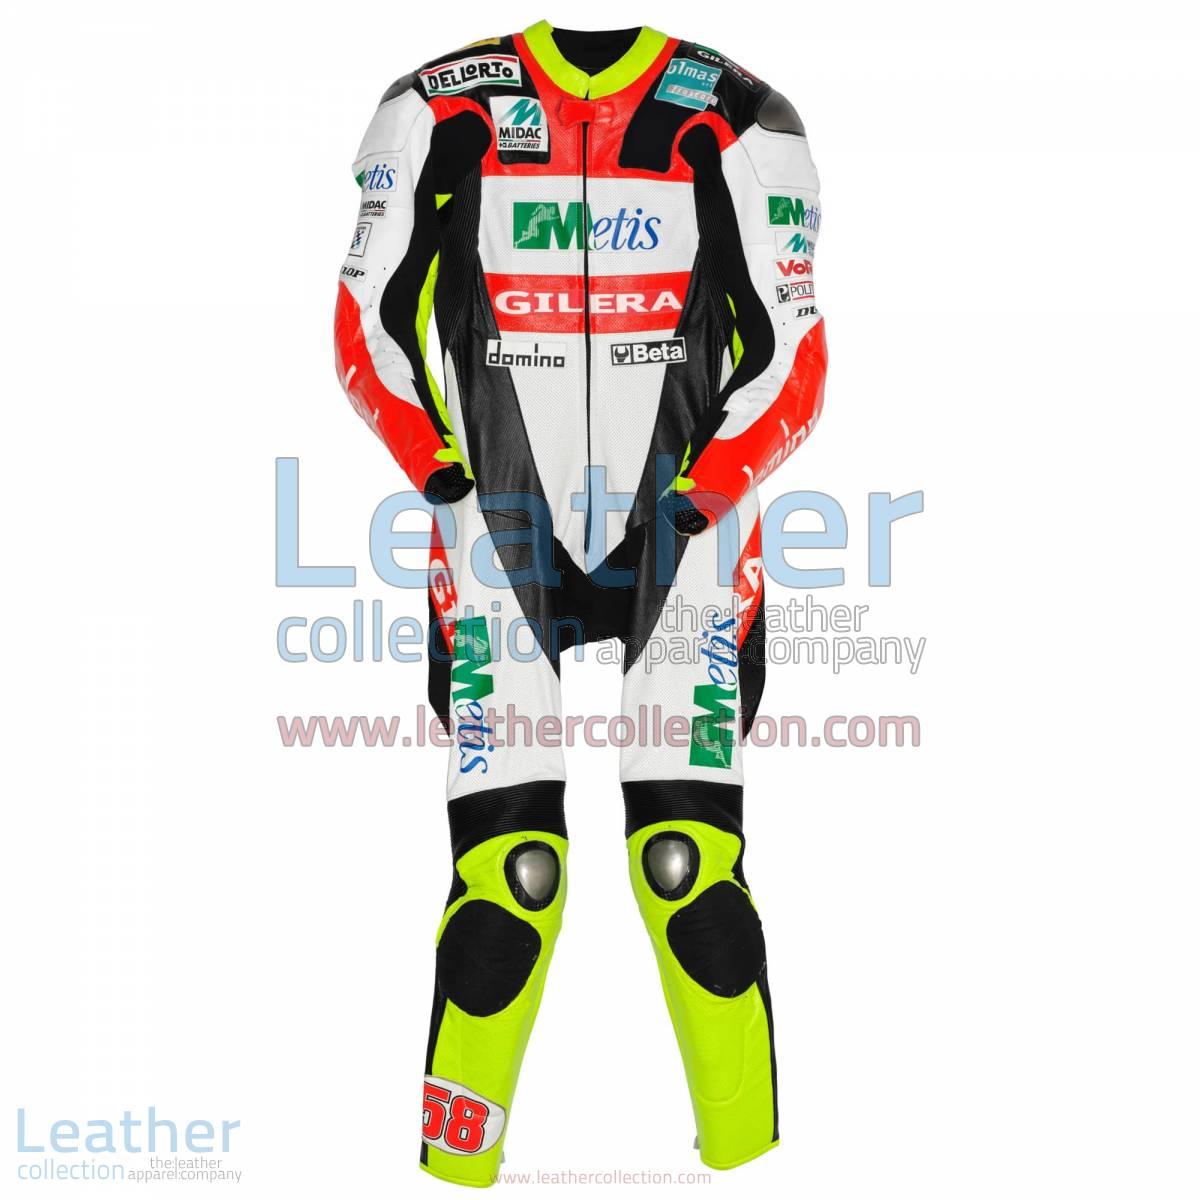 Marco Simoncelli Gilera GP 2008 Leathers | motorcycle clothing,marco simoncelli leathers